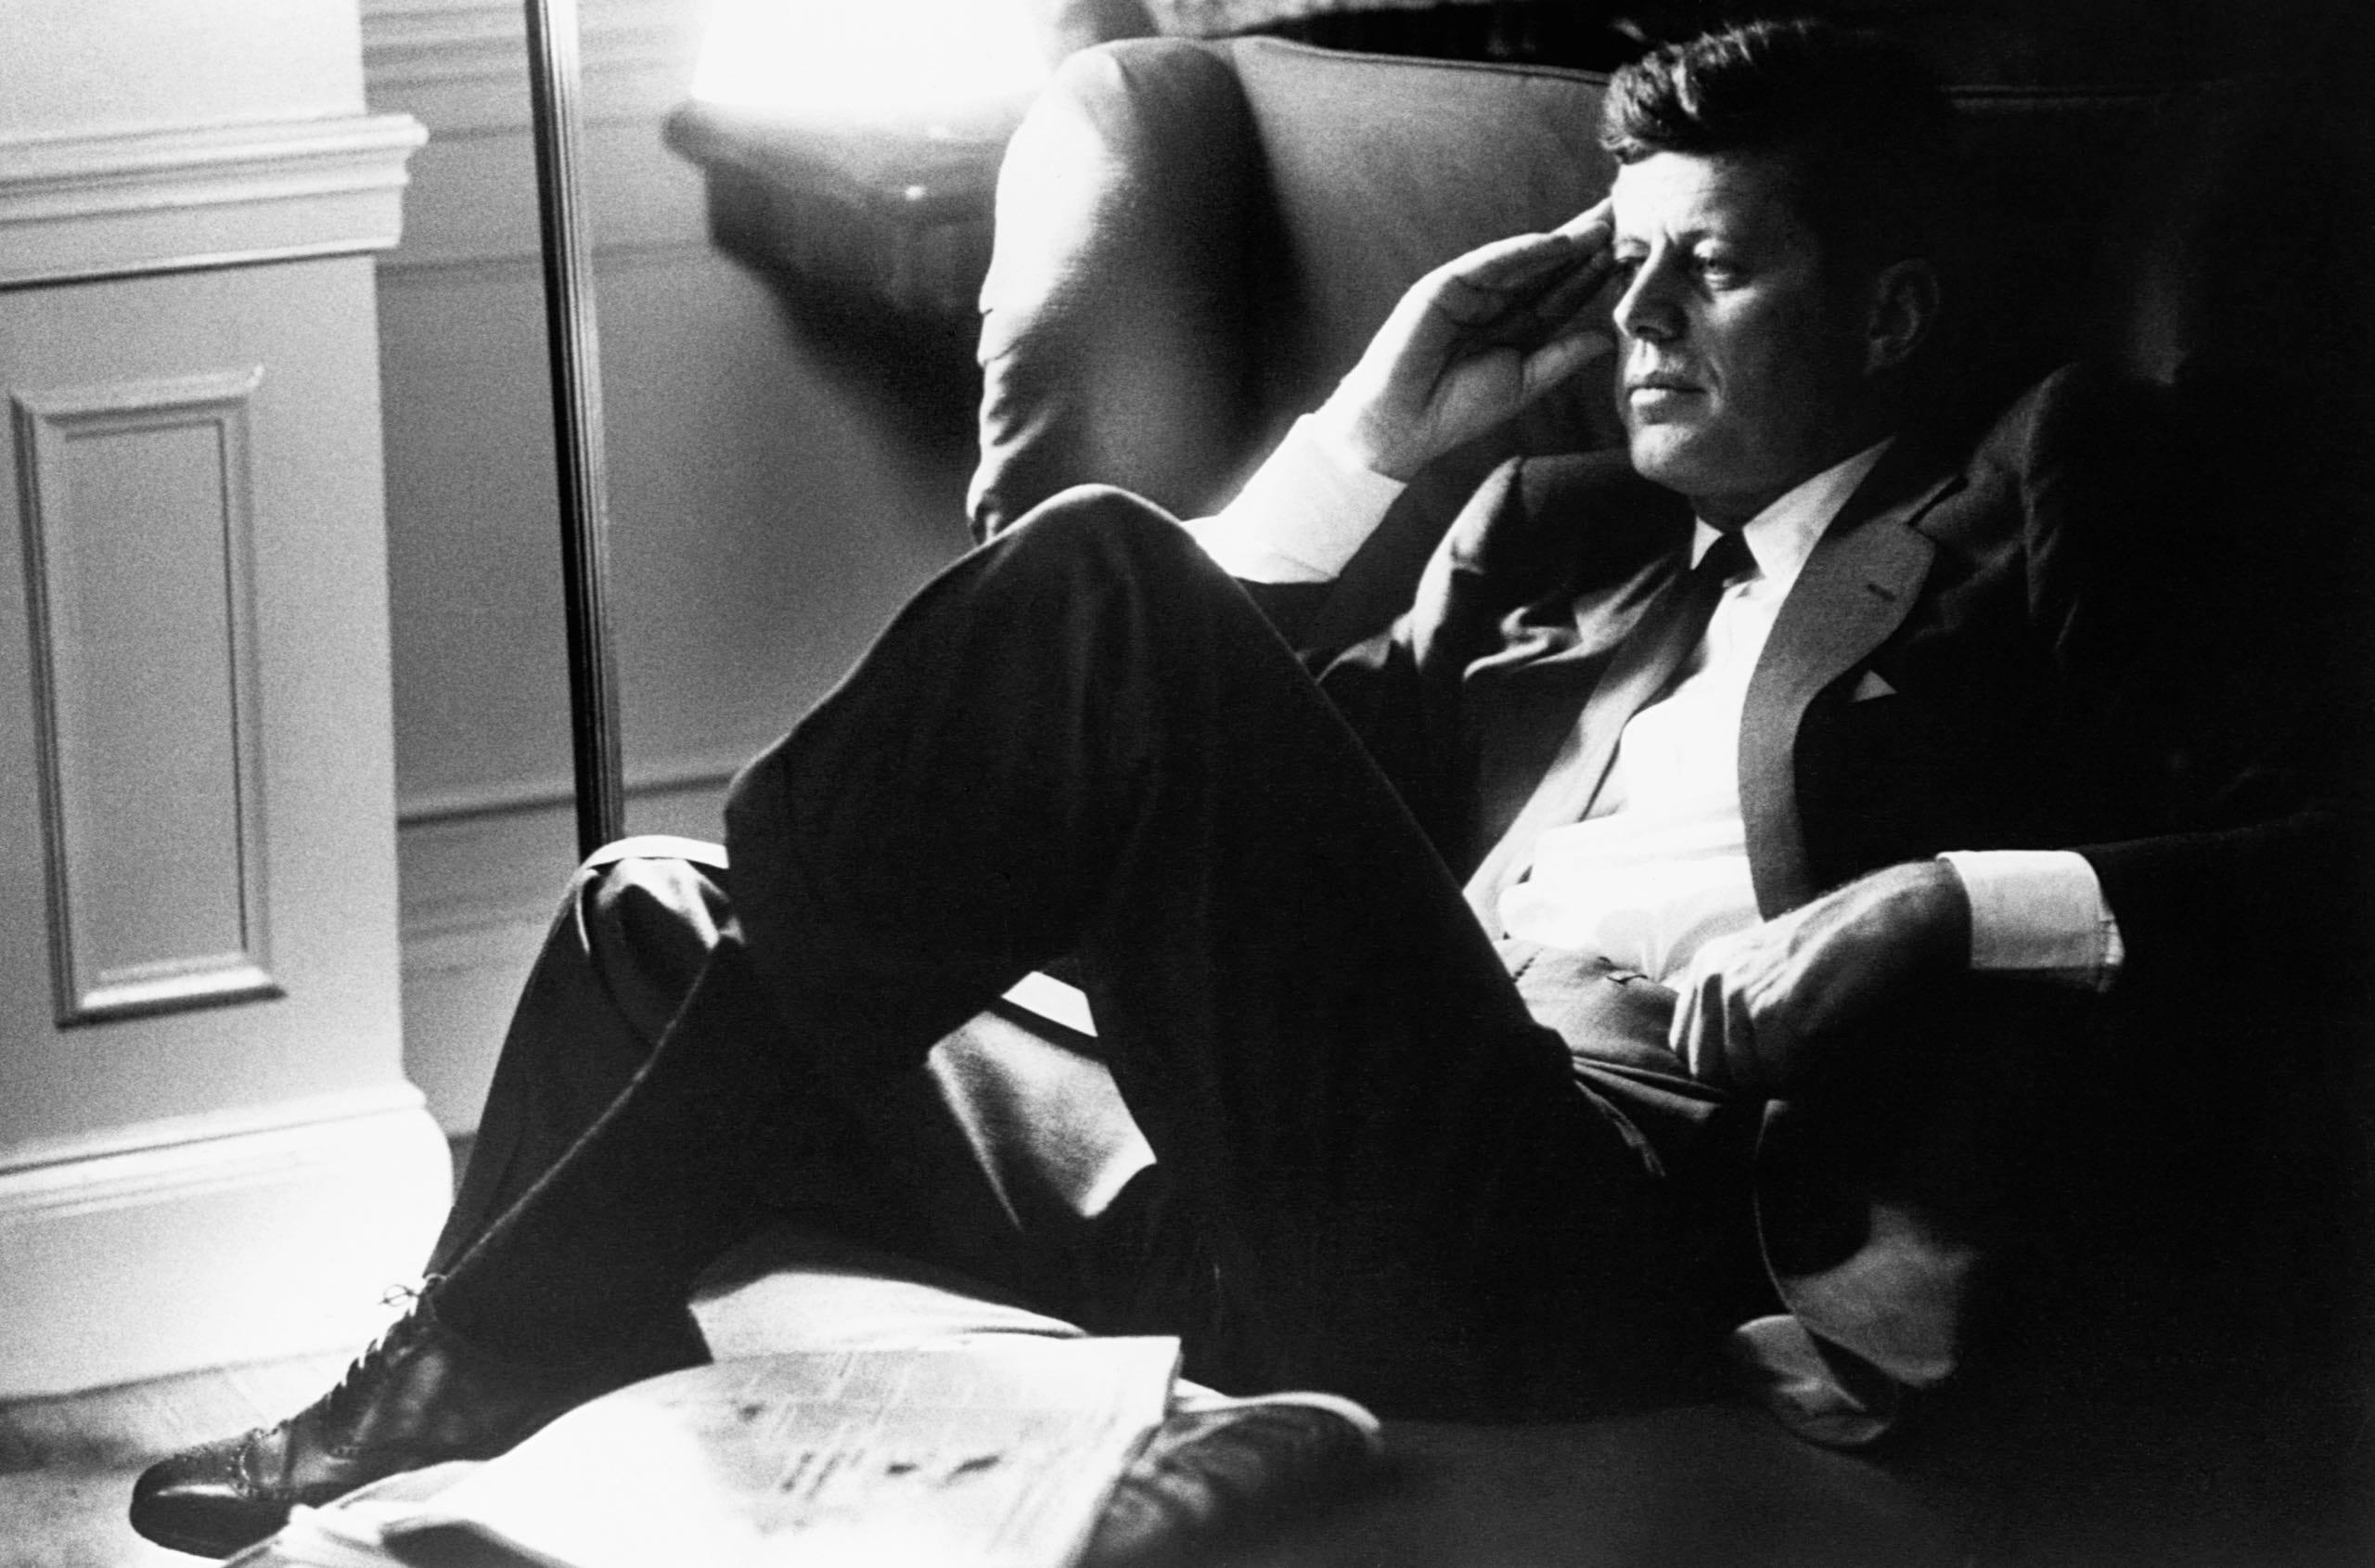 Kas nužudė JFK?